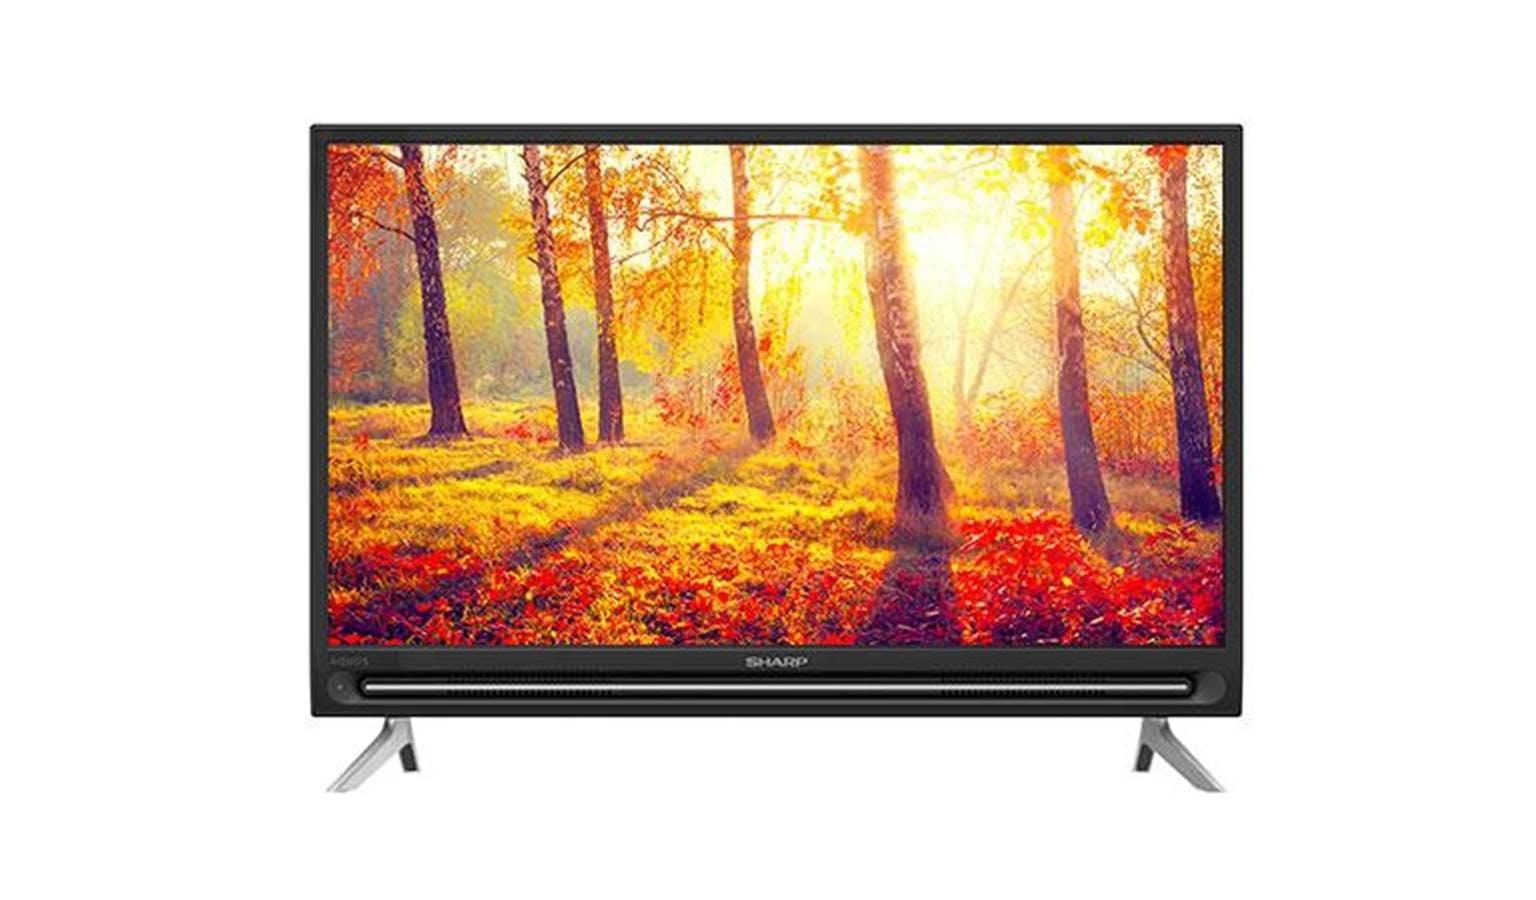 Sharp Lc 32sa4500x Led Tv Harvey Norman Malaysia